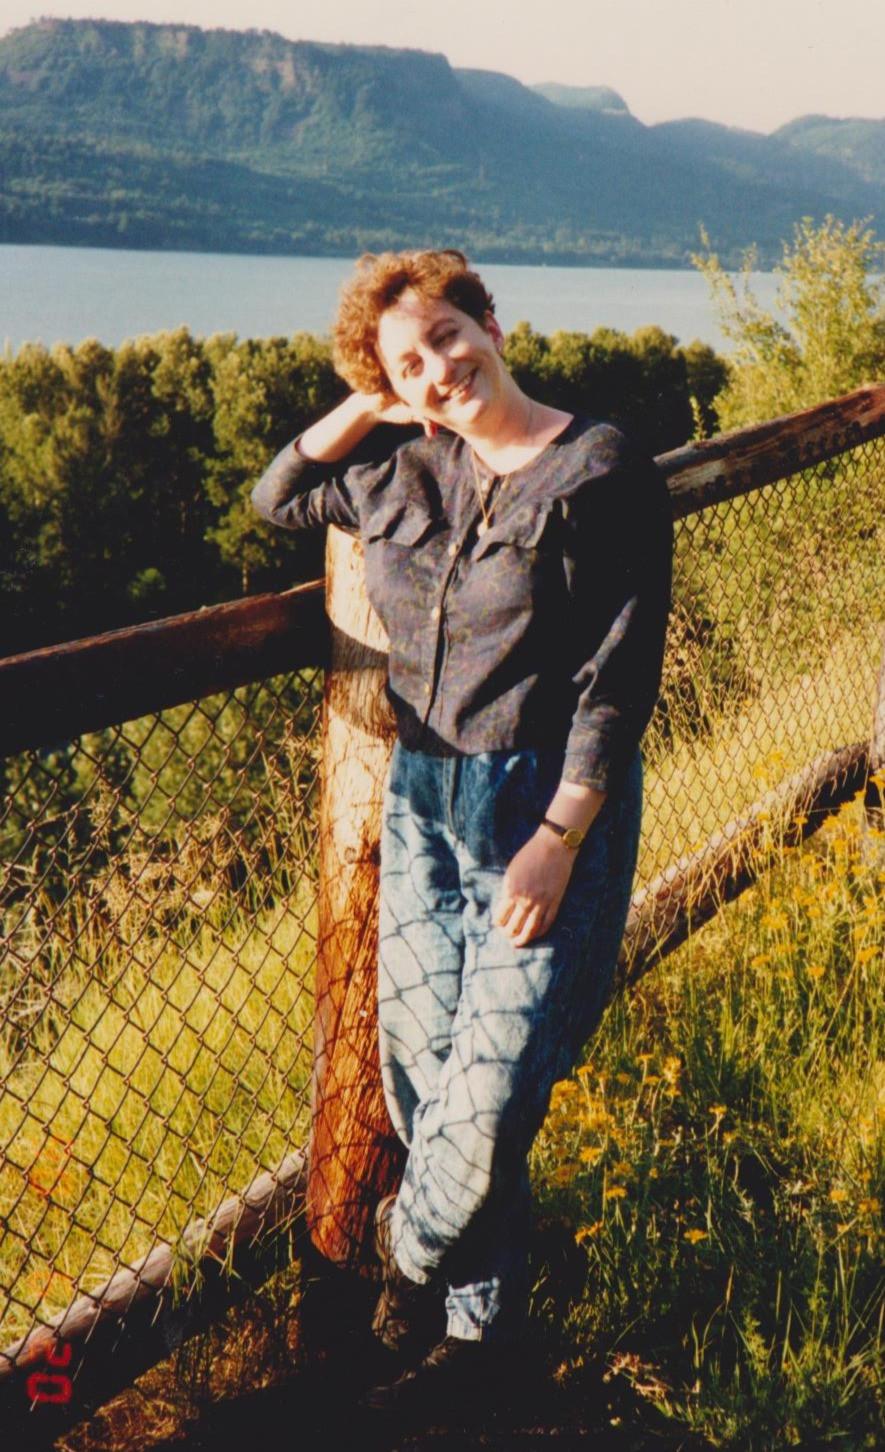 Marie Gettel-Gilmartin at 26